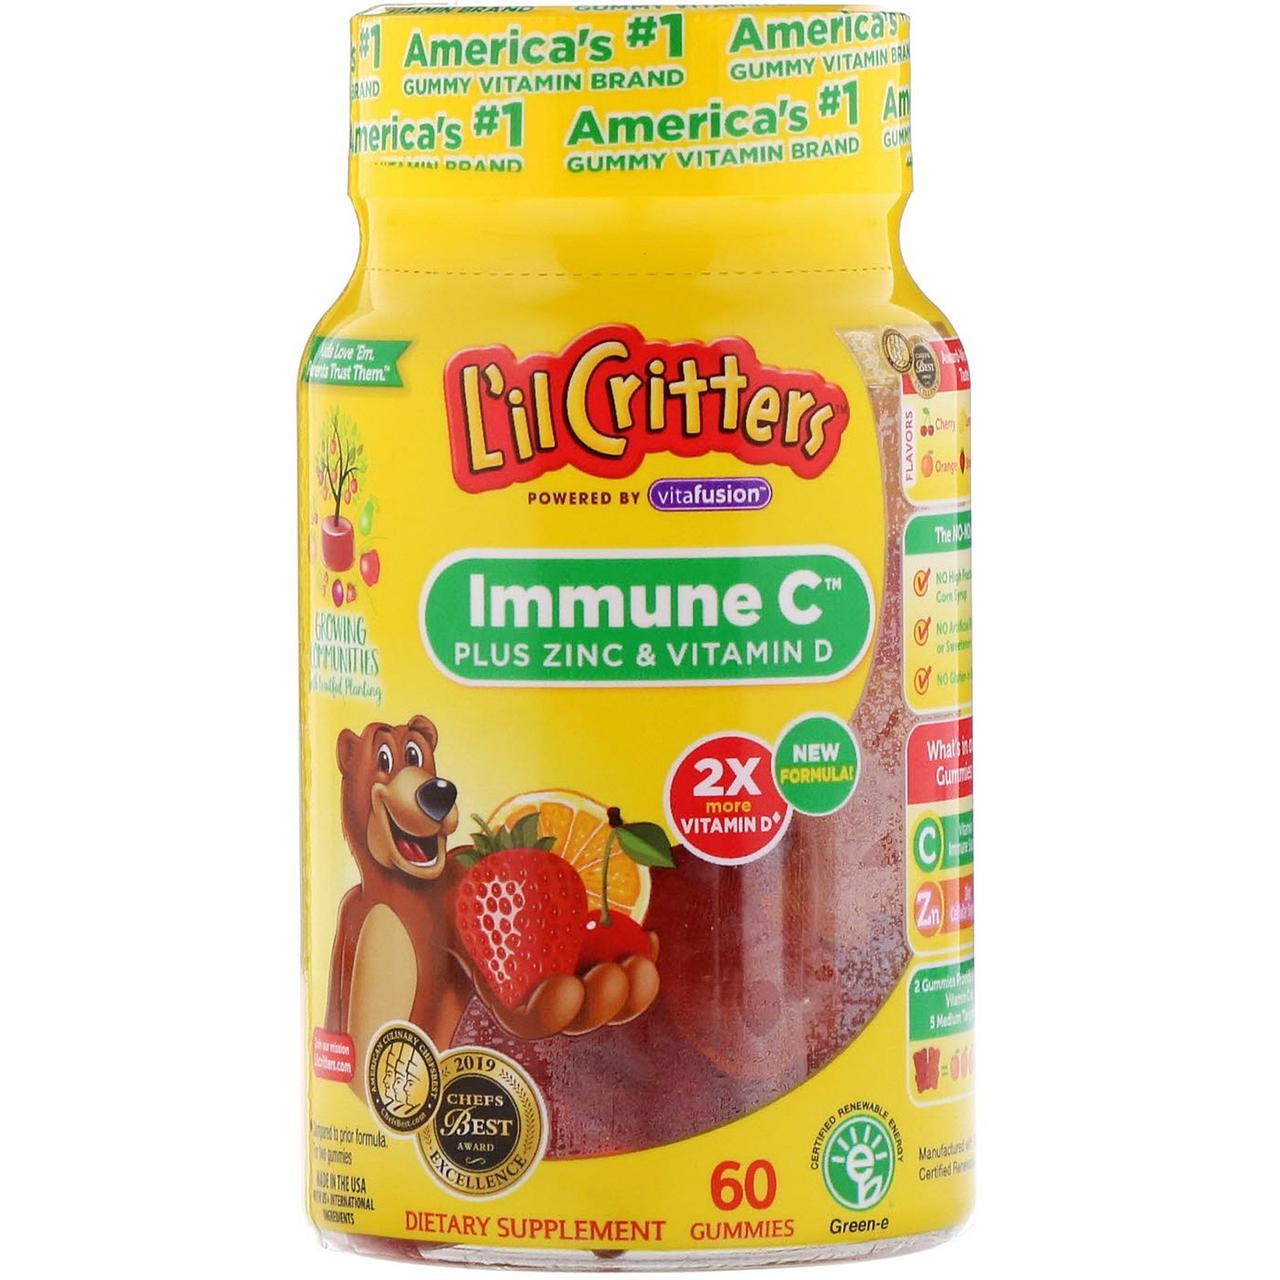 Детский витамин C плюс цинк и витамин D от L'il Critters, Immune С, 60 жевательных таблеток